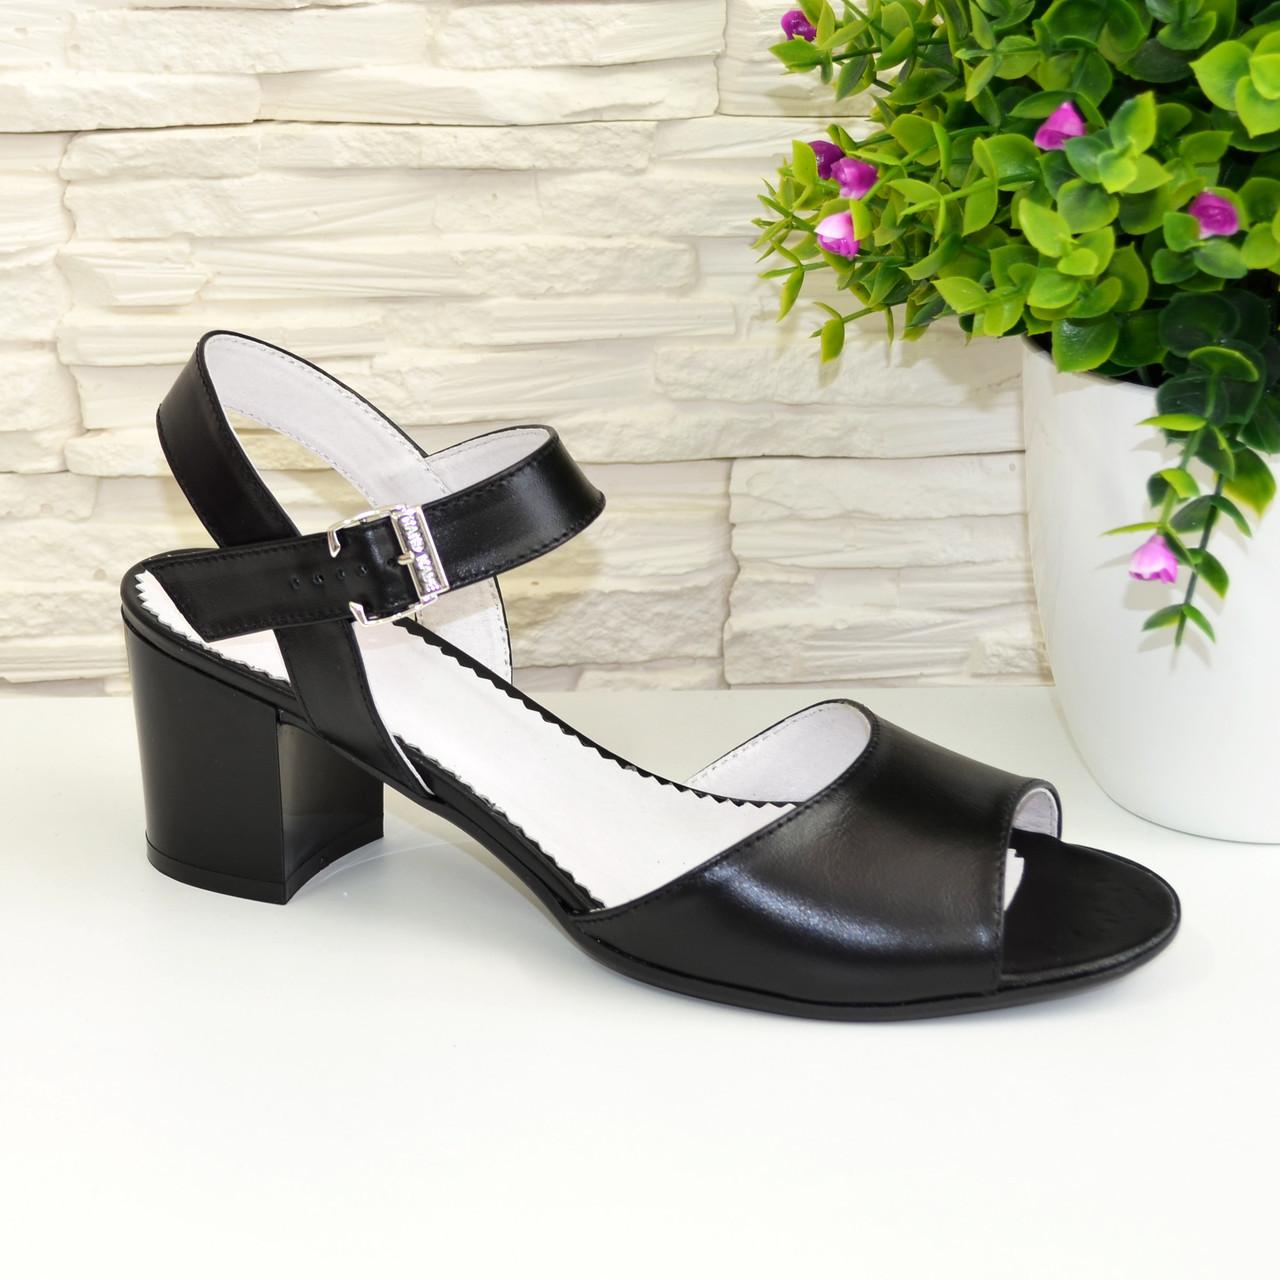 Босоножки женские кожаные Vasha Para 1327/1 39 цвет черный